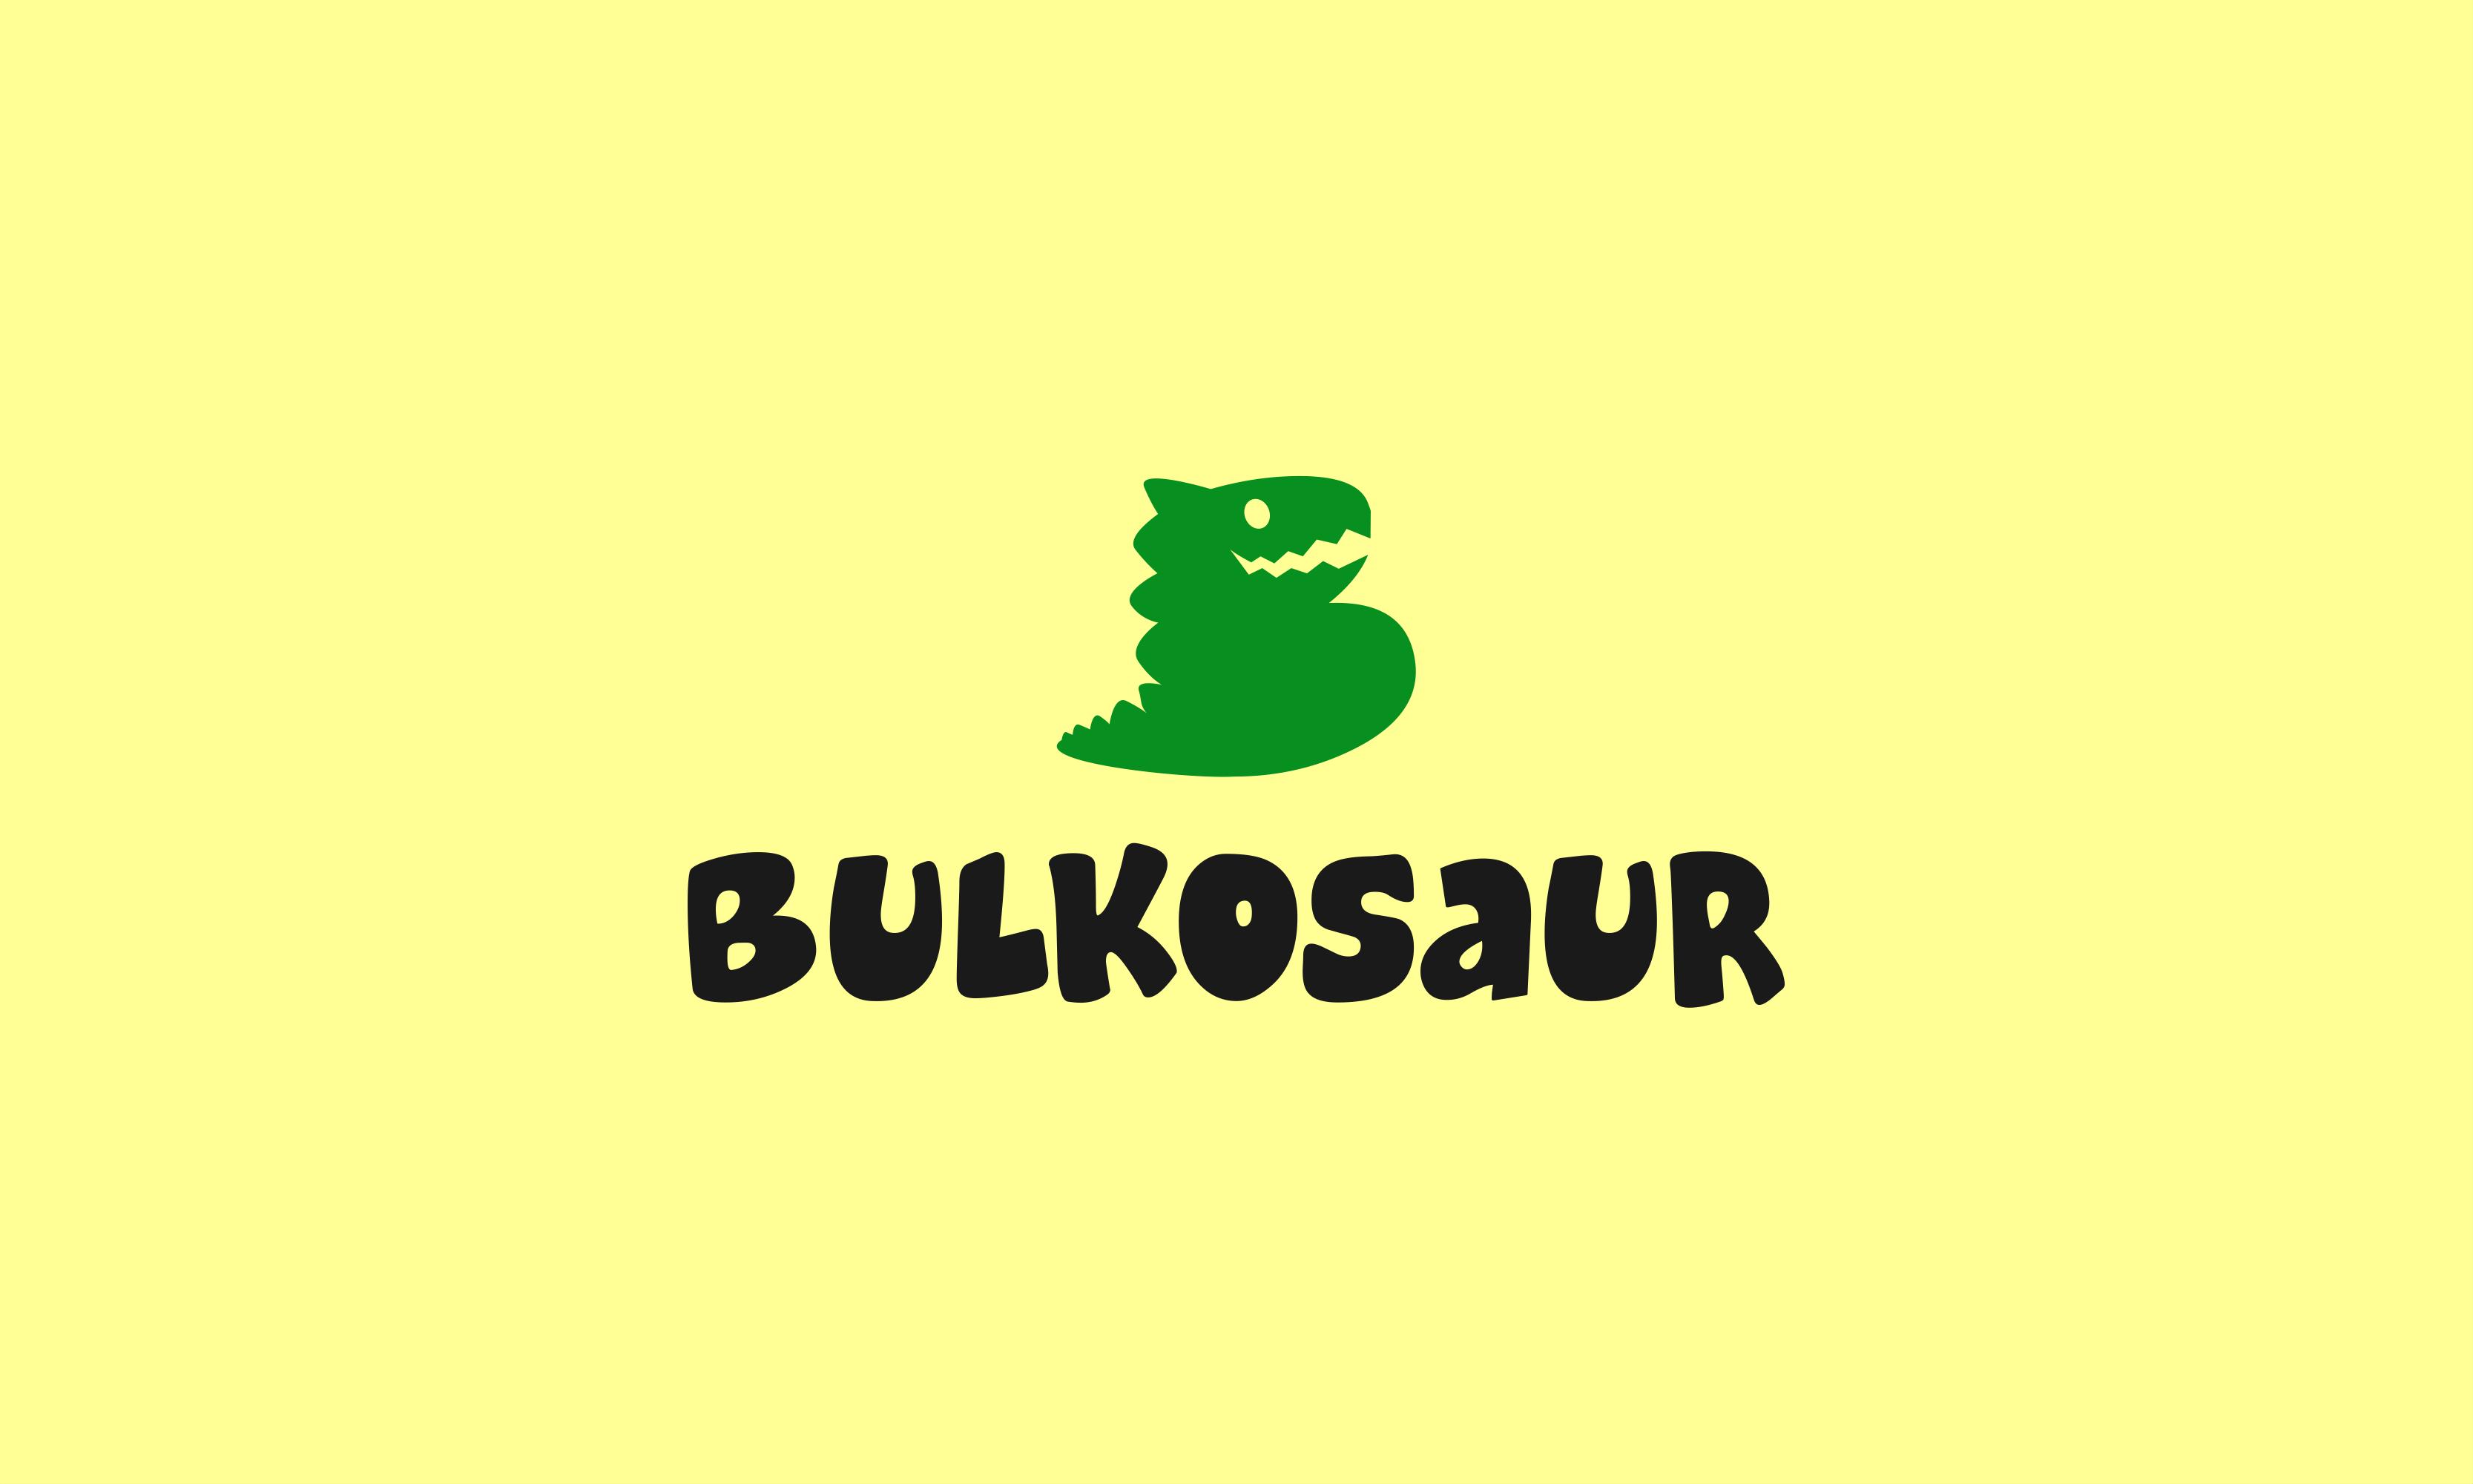 Bulkosaur